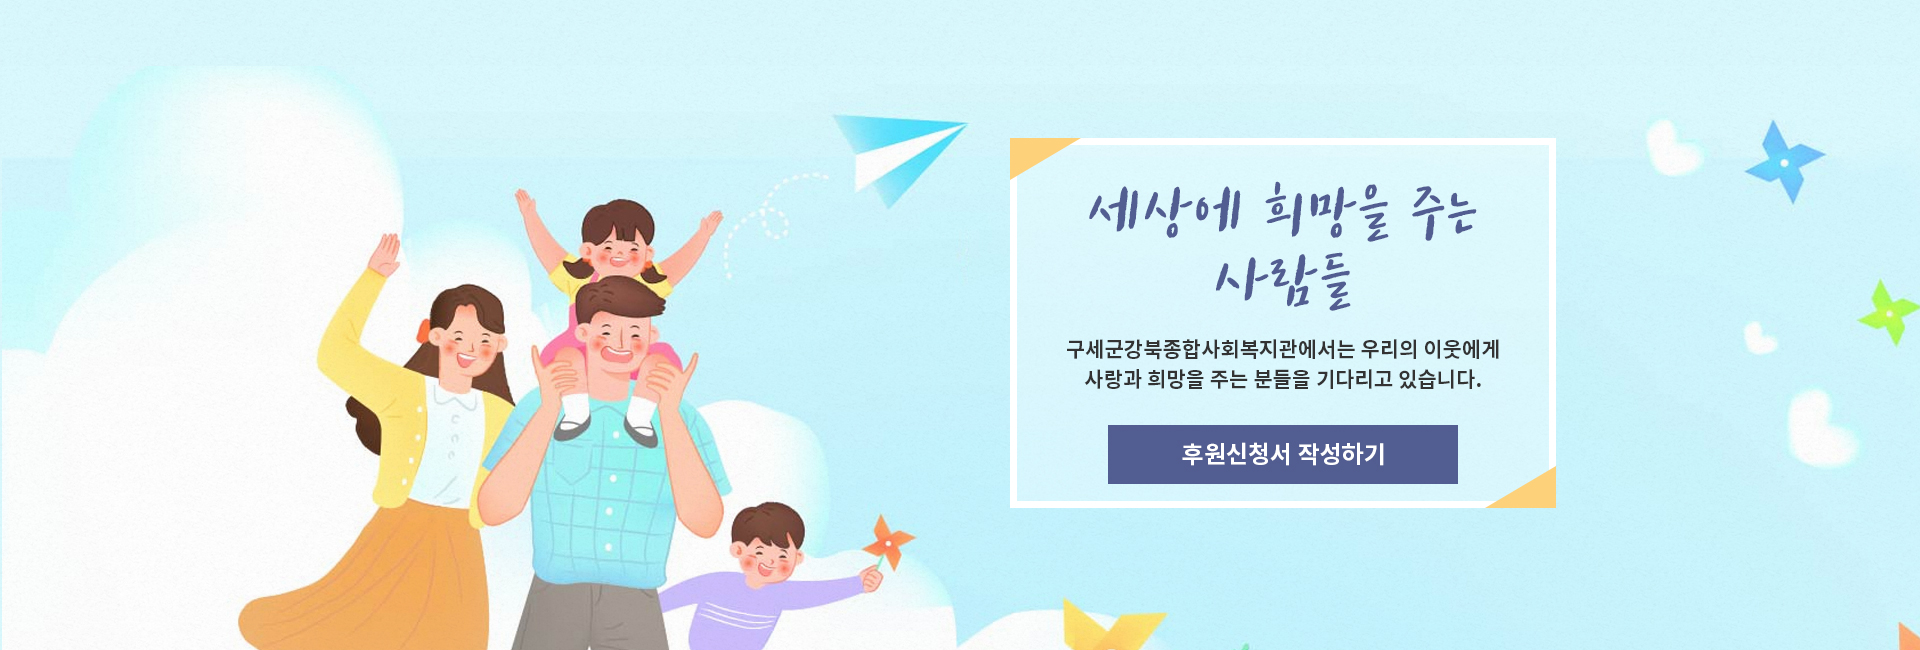 구세군강북종합사회복지관